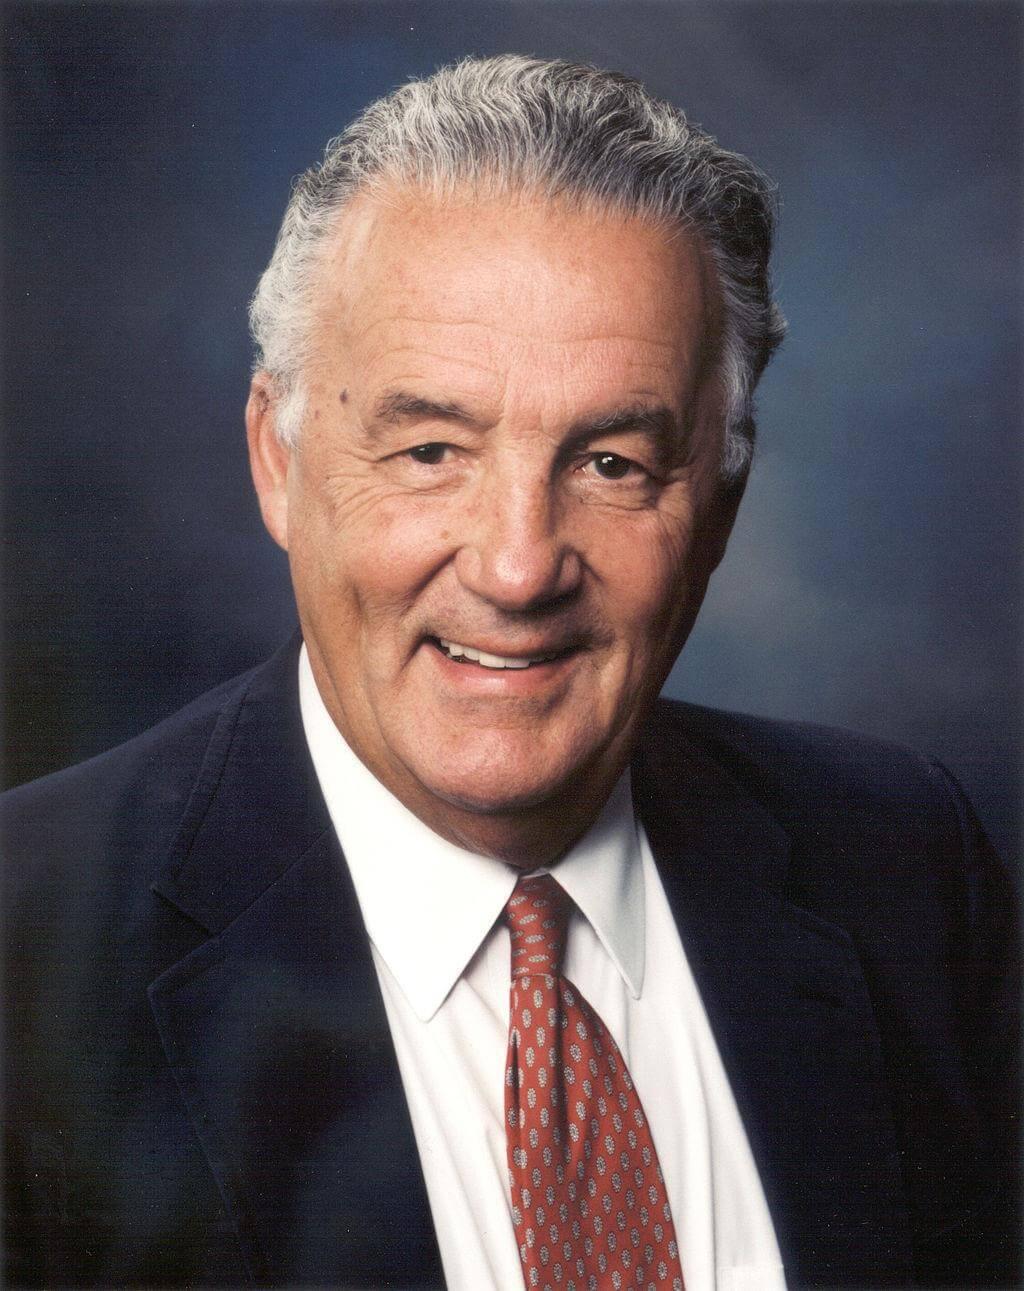 Πωλ Σαρμπάνης, 1933-2020